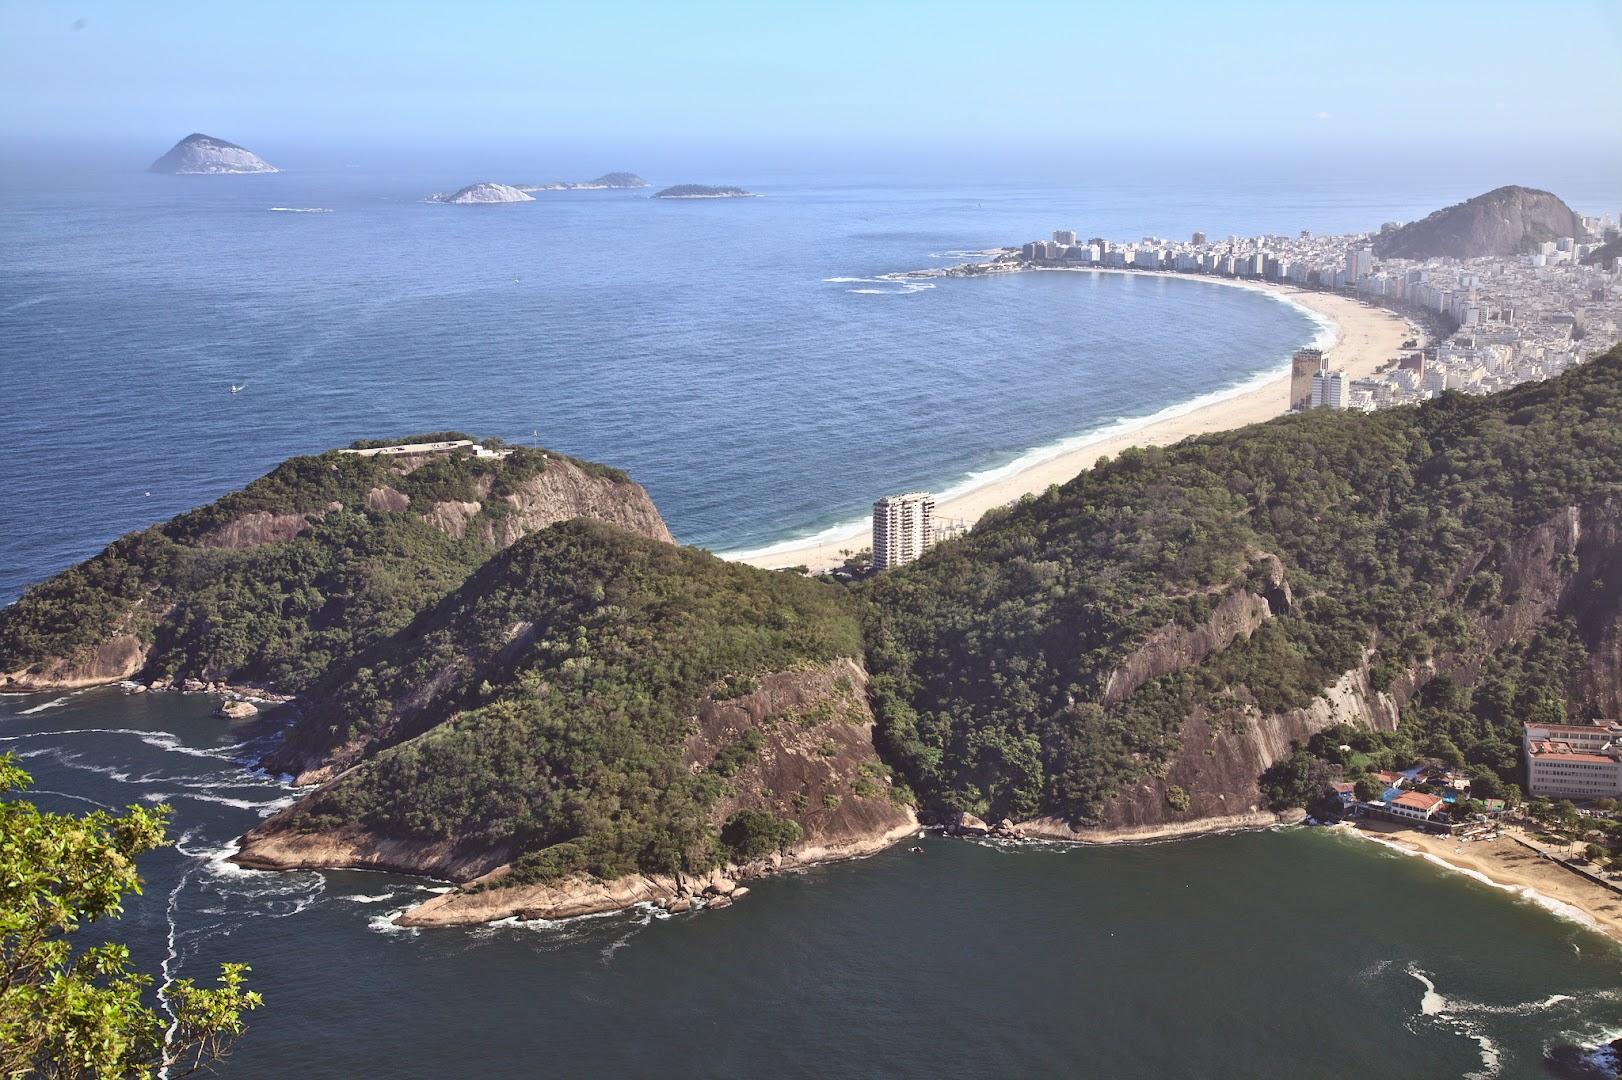 Ipanema is behind Copacabana